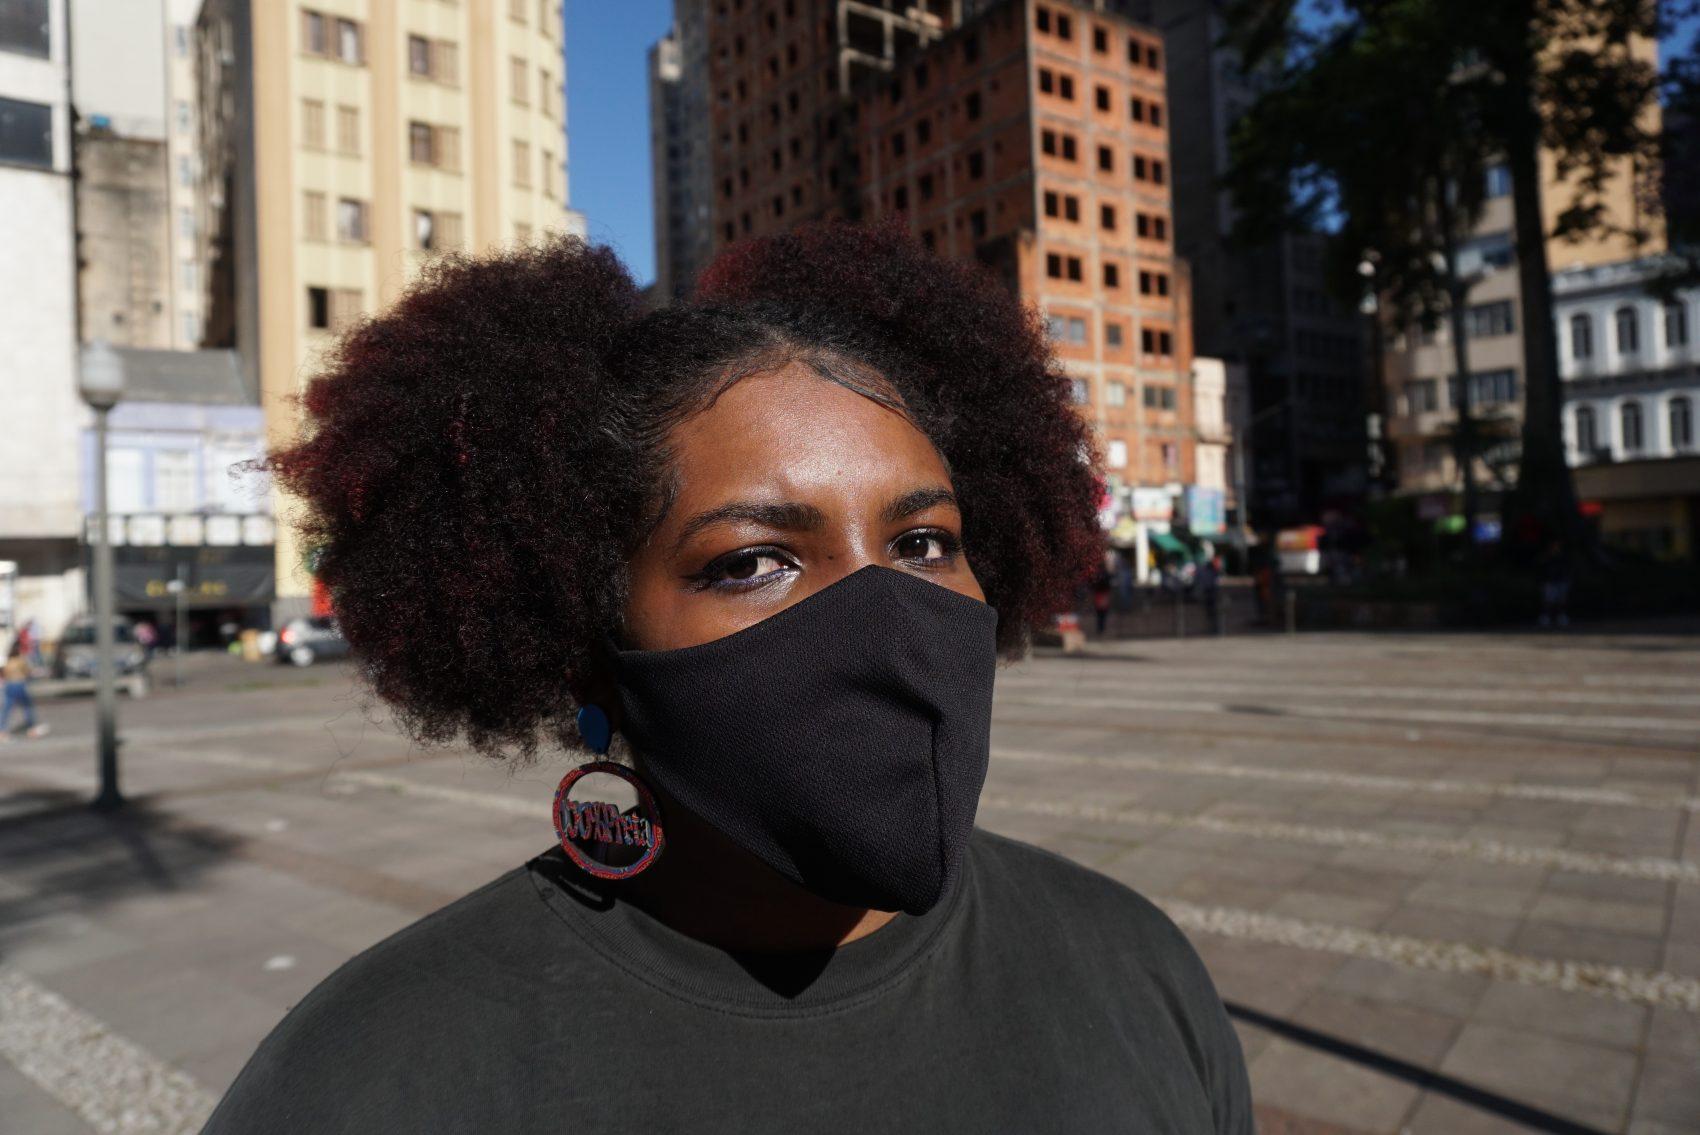 Vanessa Tiatã integra o coletivo Slam das Minas/RS; ela critica a hipersexualização da mulher negra e outros estereótipos